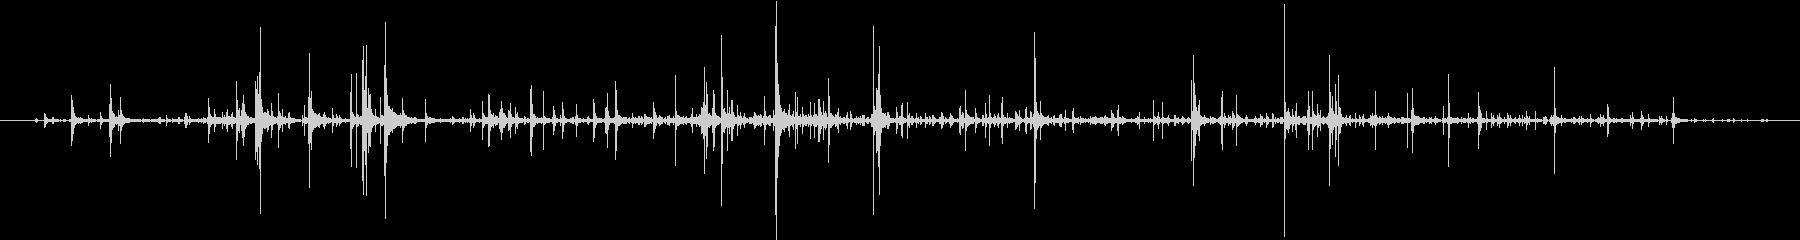 【生録音】弁当・惣菜パックの音 7の未再生の波形